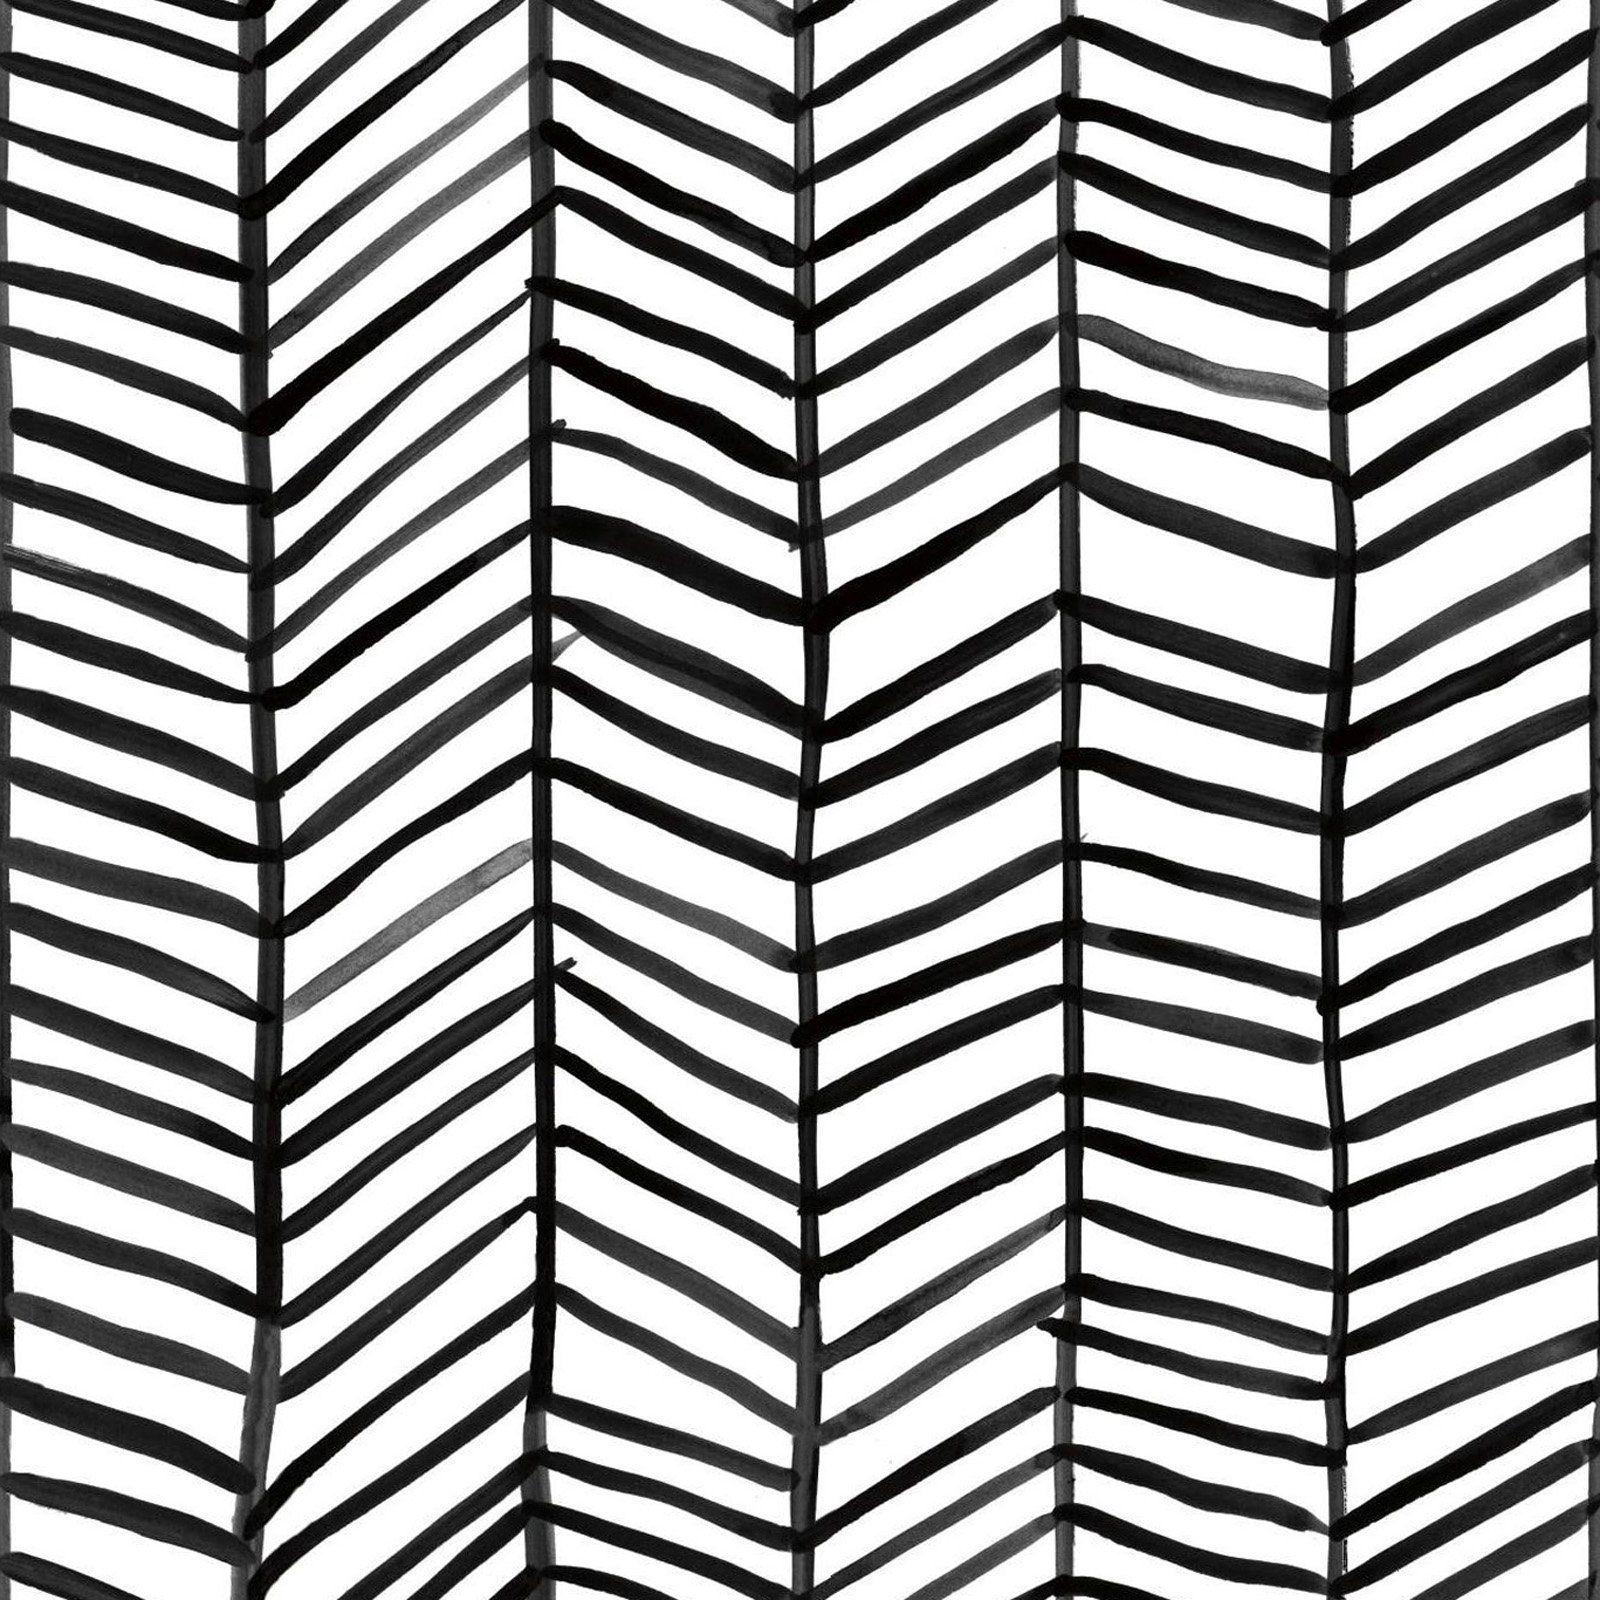 Roommates Herringbone Self Adhesive Wallpaper Black Peel And Stick Wallpaper Herringbone Wallpaper Self Adhesive Wallpaper